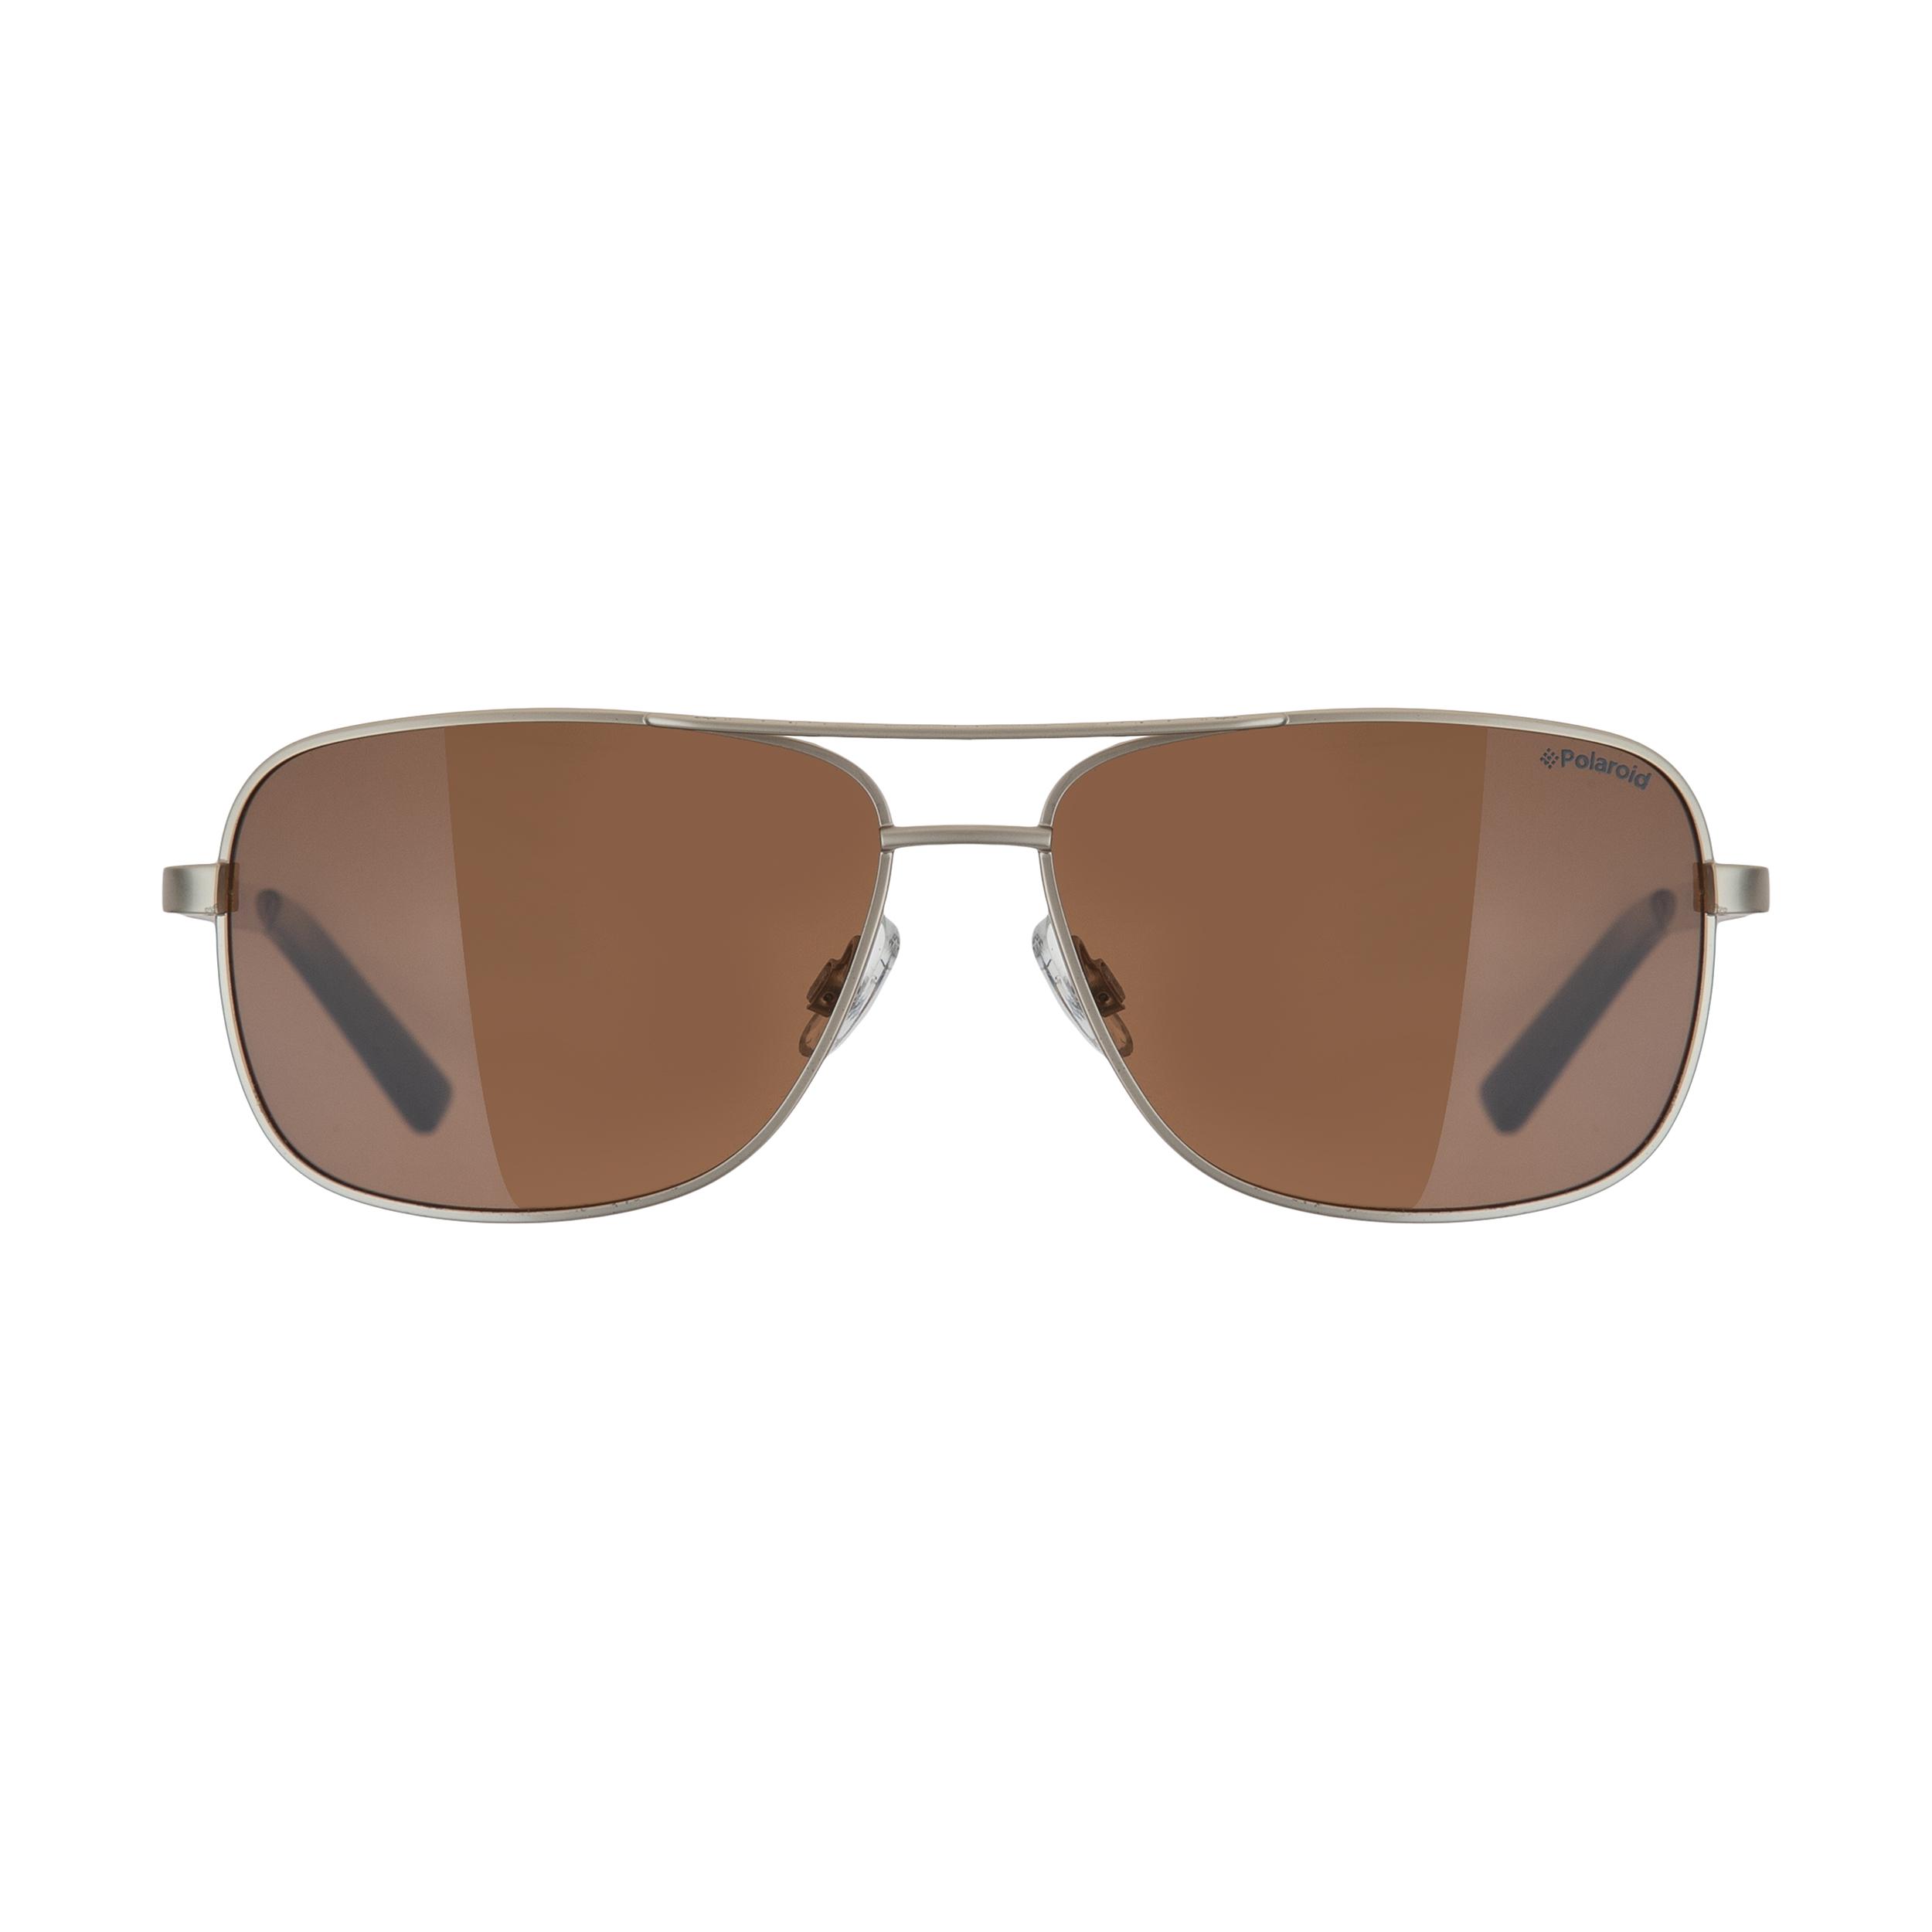 عینک آفتابی مردانه پولاروید مدل pld 2029-gld-58